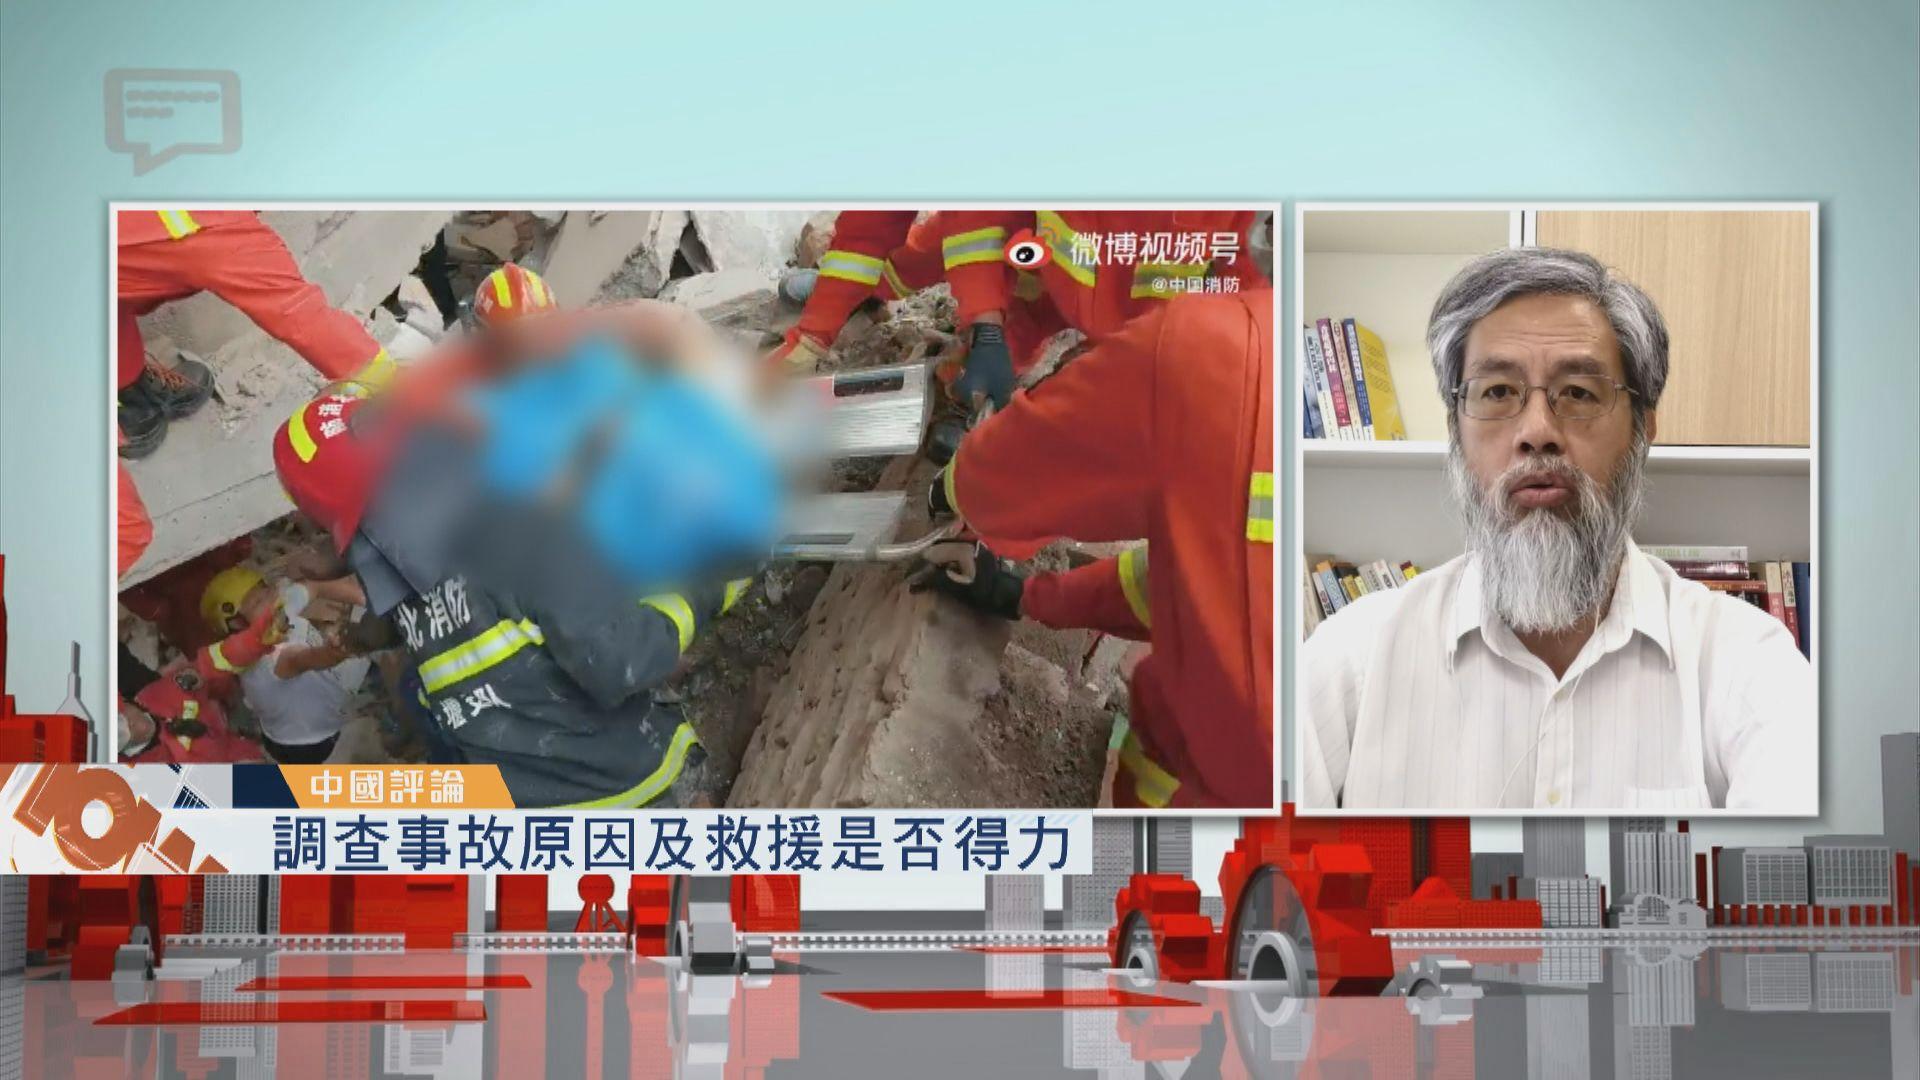 【中國評論】湖北十堰氣爆/捐血人數及數量上升